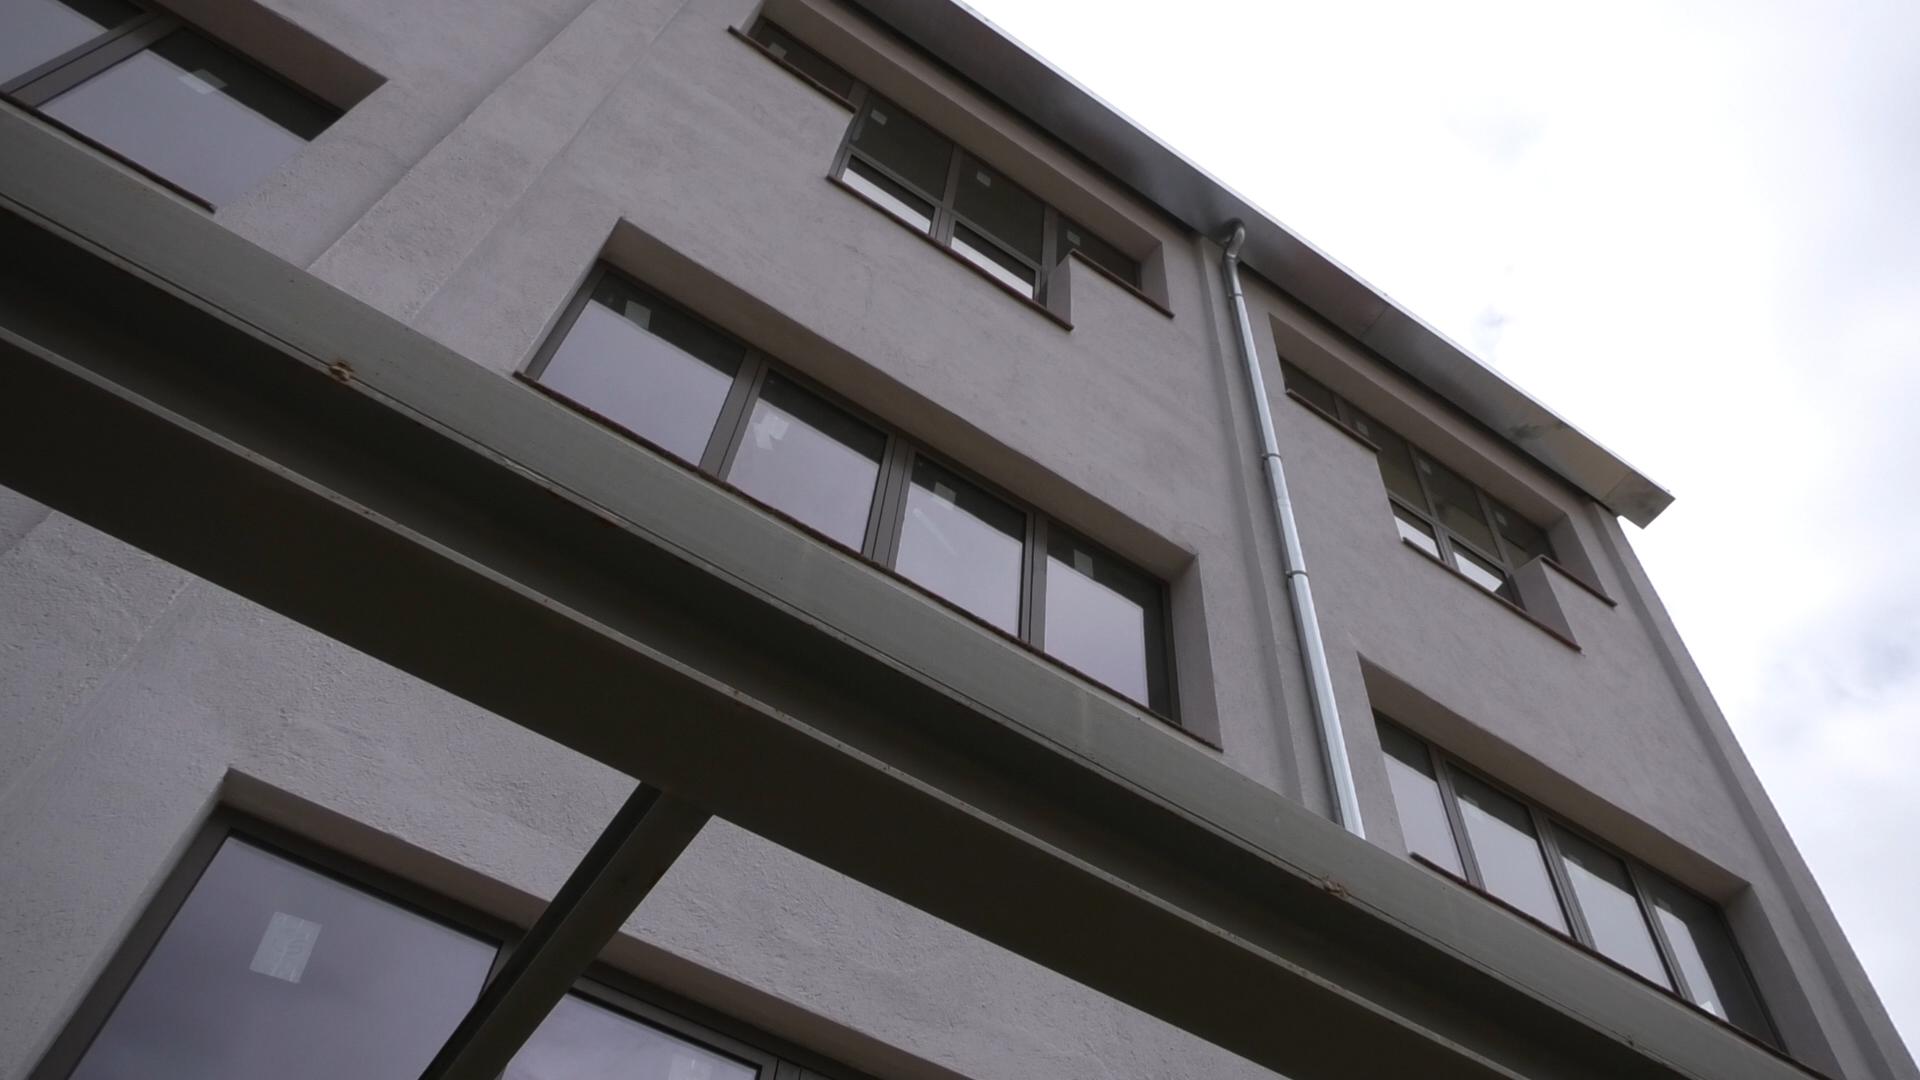 NOU REPORTATGE: Les obres del Centre Cívic es troben en la seva segona fase